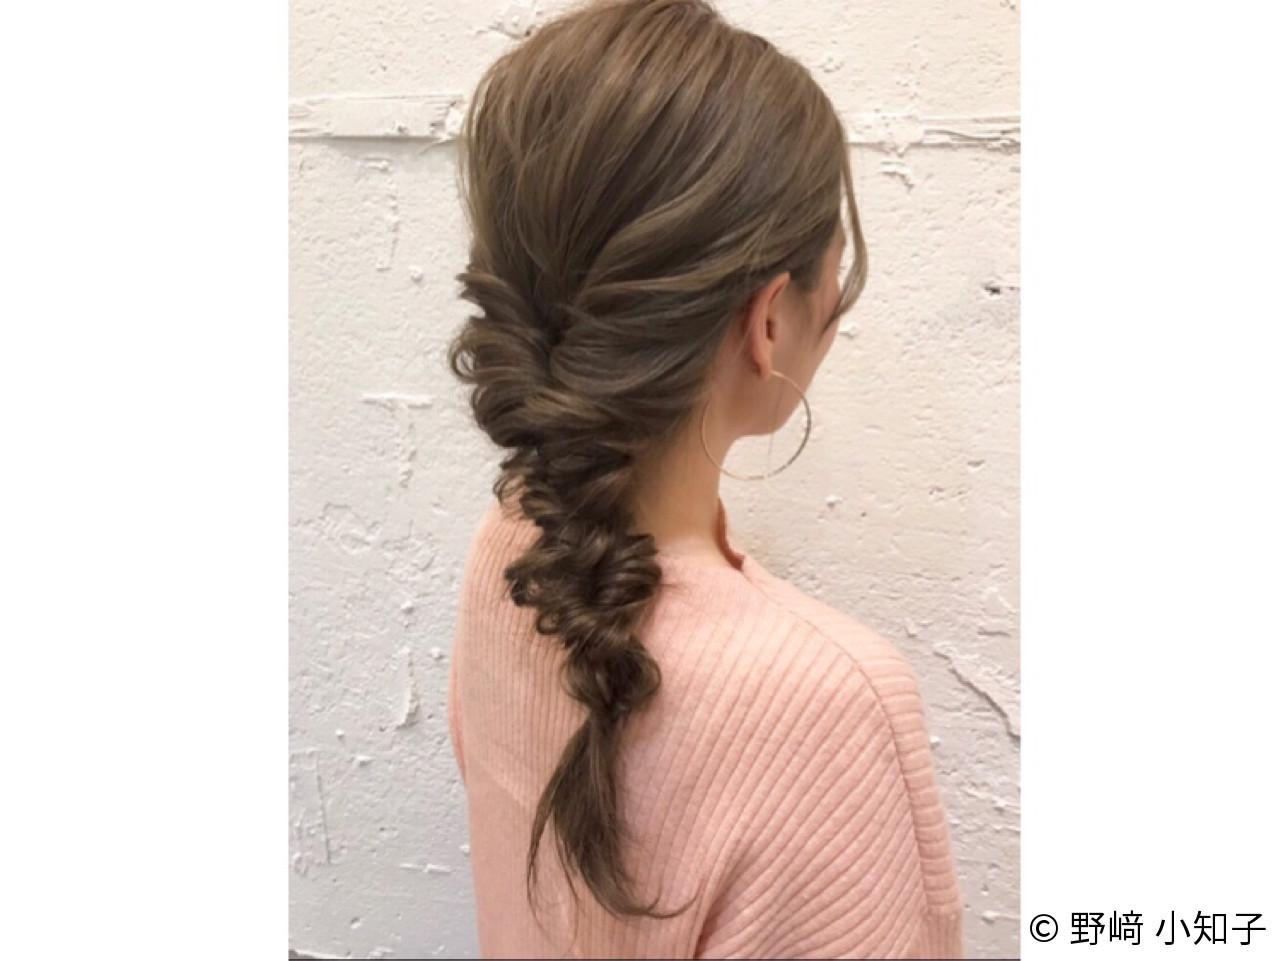 デート ショート 簡単ヘアアレンジ ロング ヘアスタイルや髪型の写真・画像